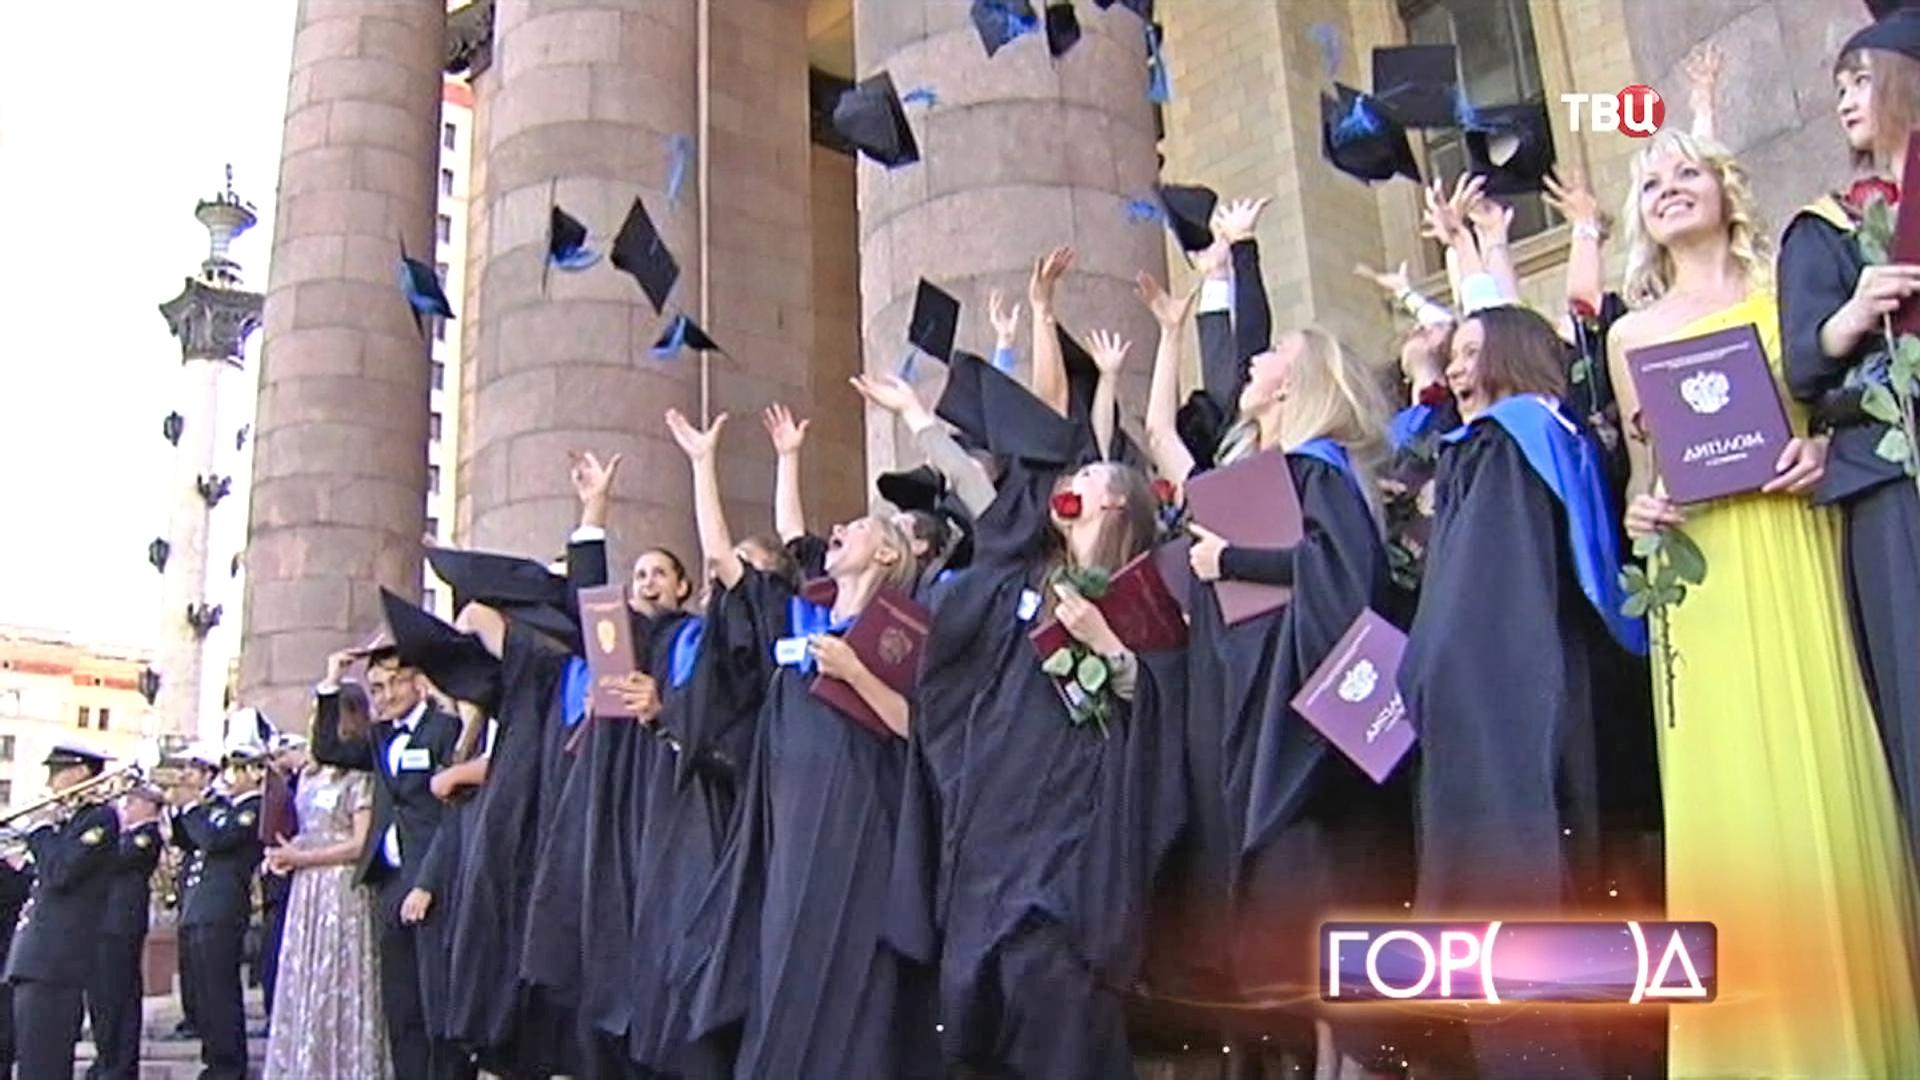 В МГУ вручили дипломы выпускникам отличникам Новости ТВ  Выпускники МГУ на вручении дипломов